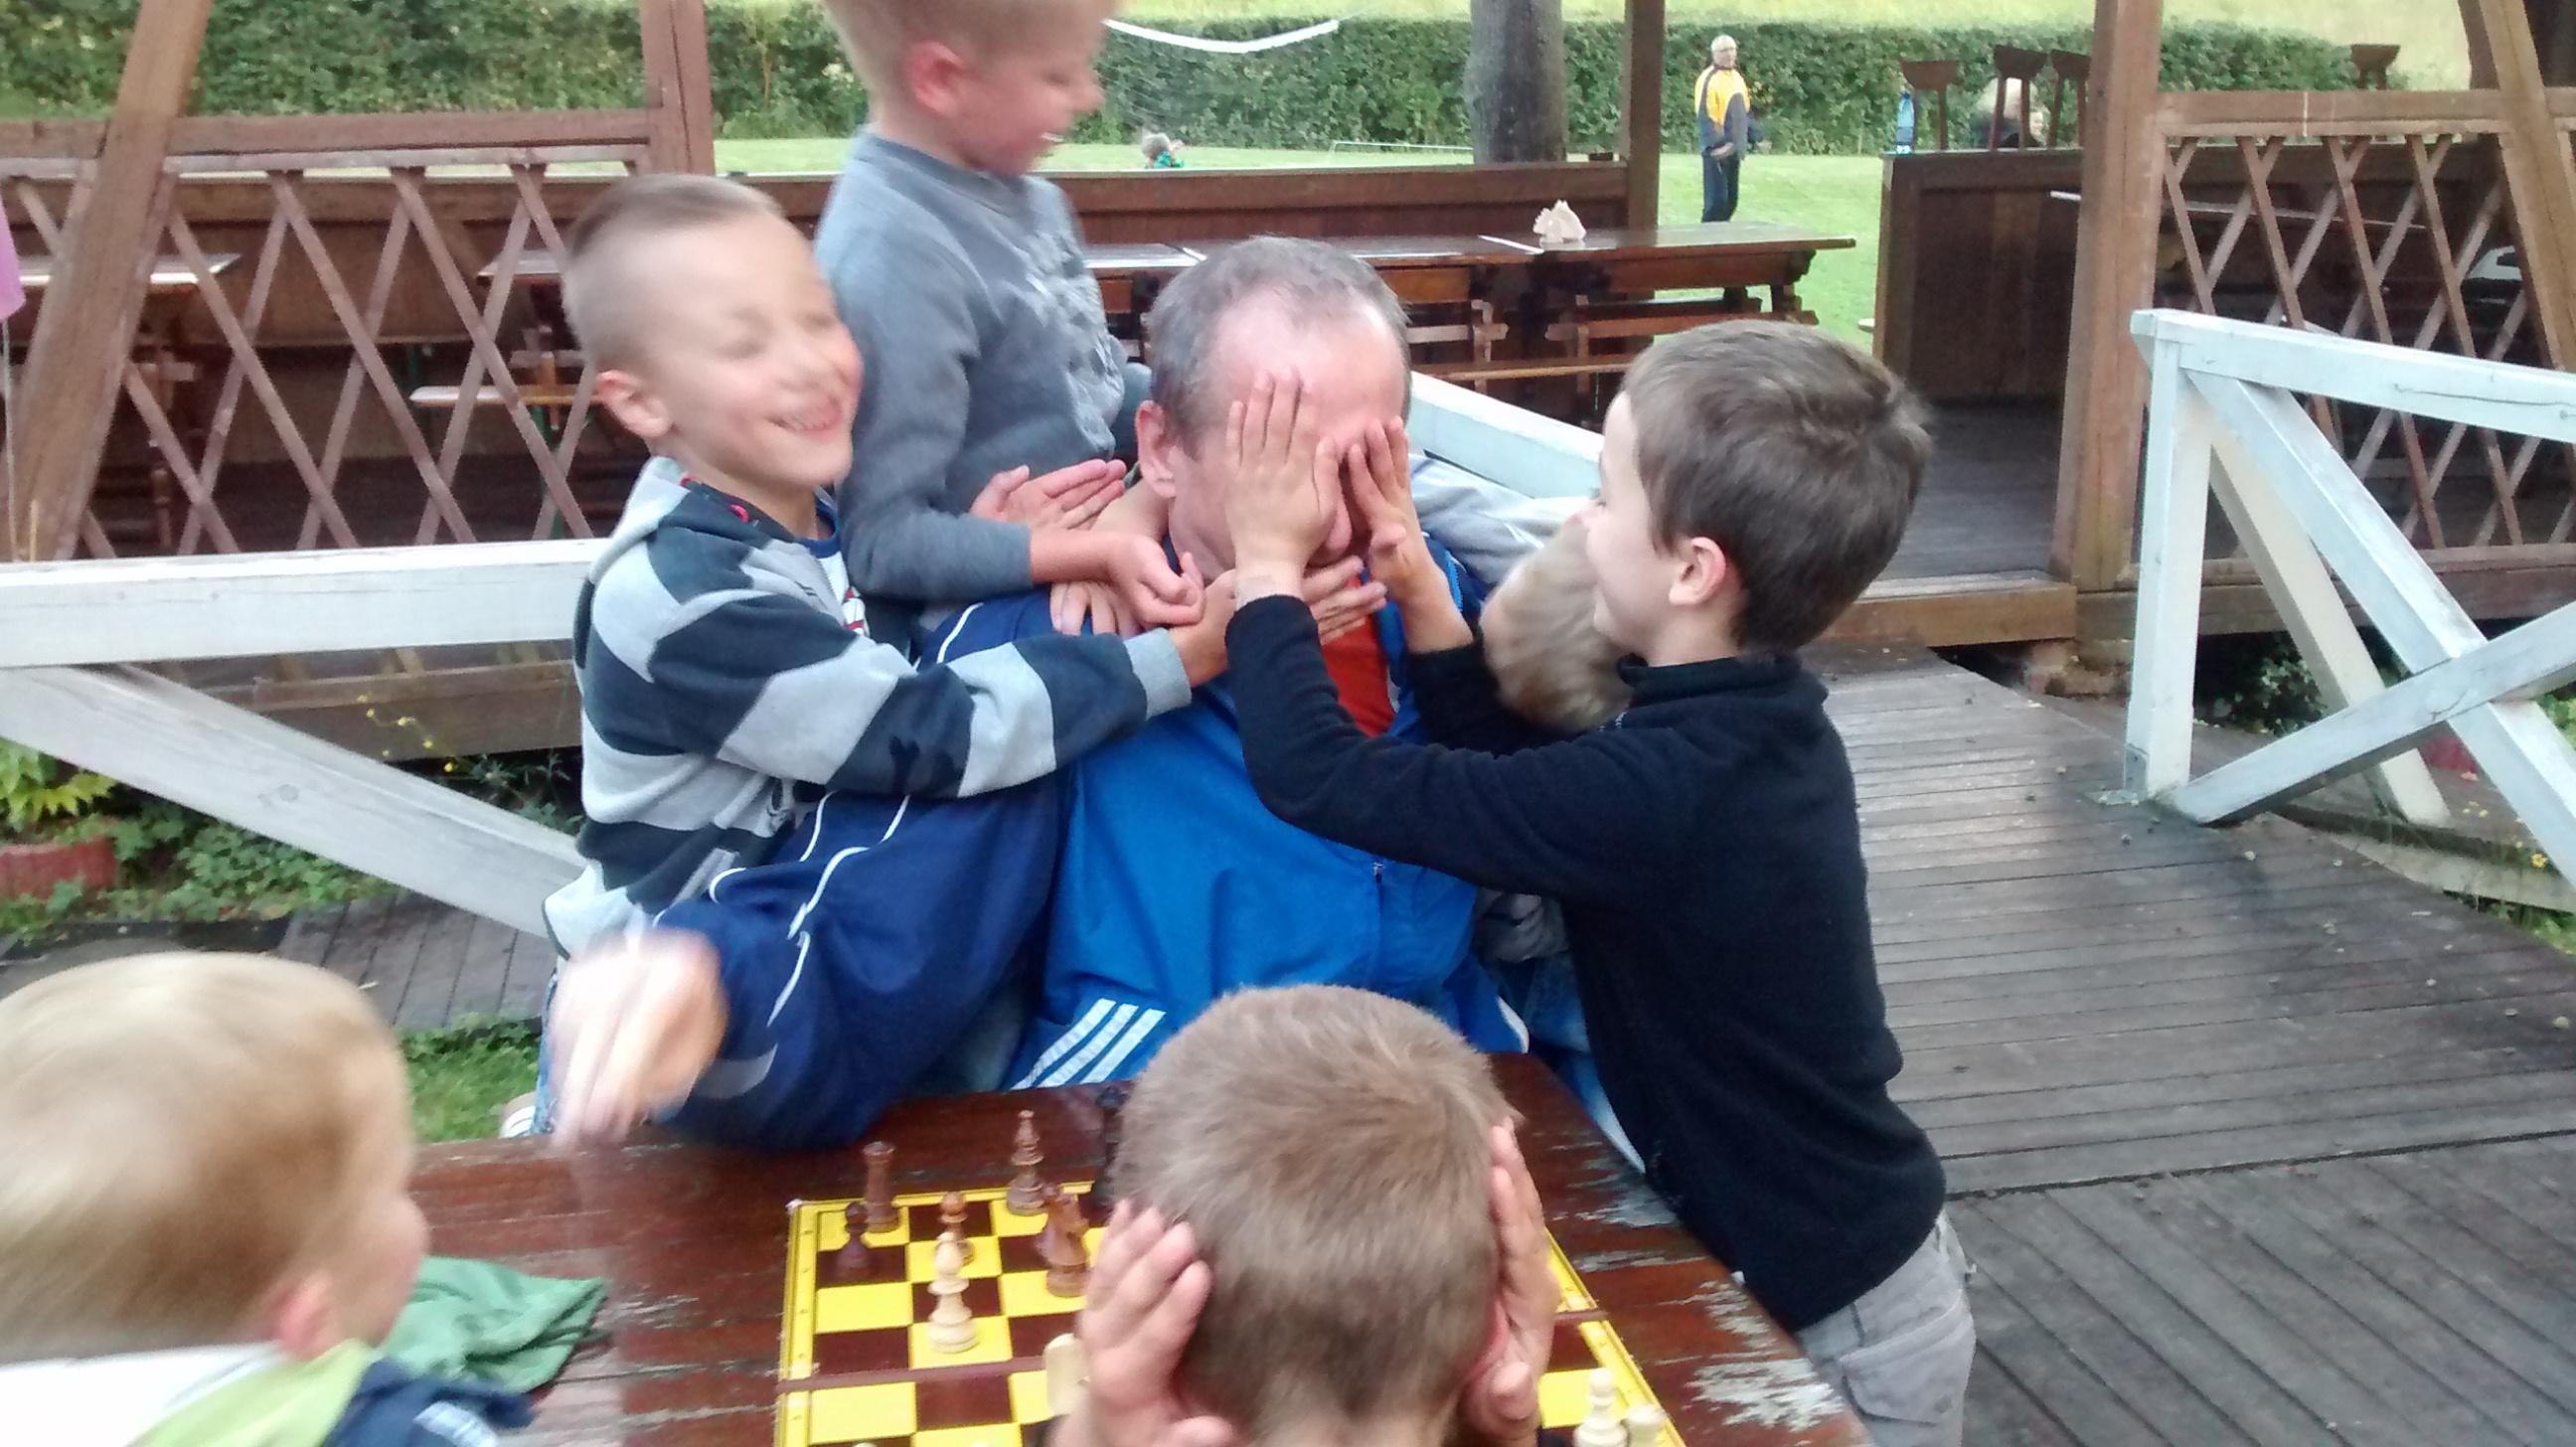 gra w szachy nie jest łatwa, zdjęcie, obóz letni, sekcji szachowa, MUKS MDK Śródmieście Wrocław, Sokołowsko, interaktywny podręcznik szachowy, ośrodek radosno, Robert Korpalski, Janusz Żyła, młodzi szachiści, partia szachowa,